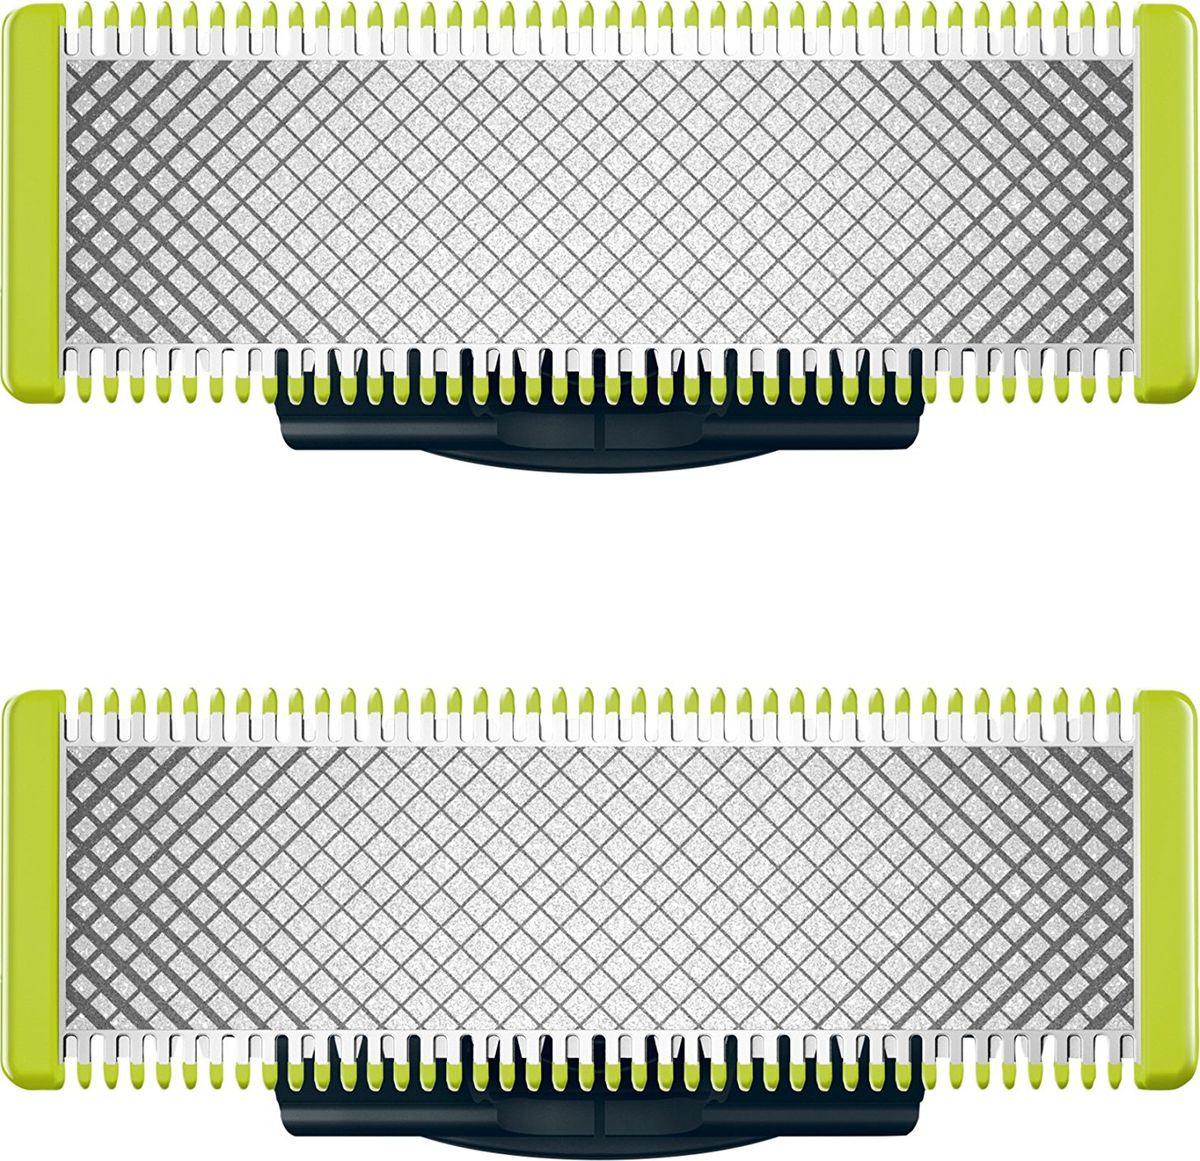 Сменные лезвия Philips QP220/50 для OneBlade и OneBlade Pro, 2 шт аксессуар сменное лезвие philips qp210 oneblade oneblade pro 1шт